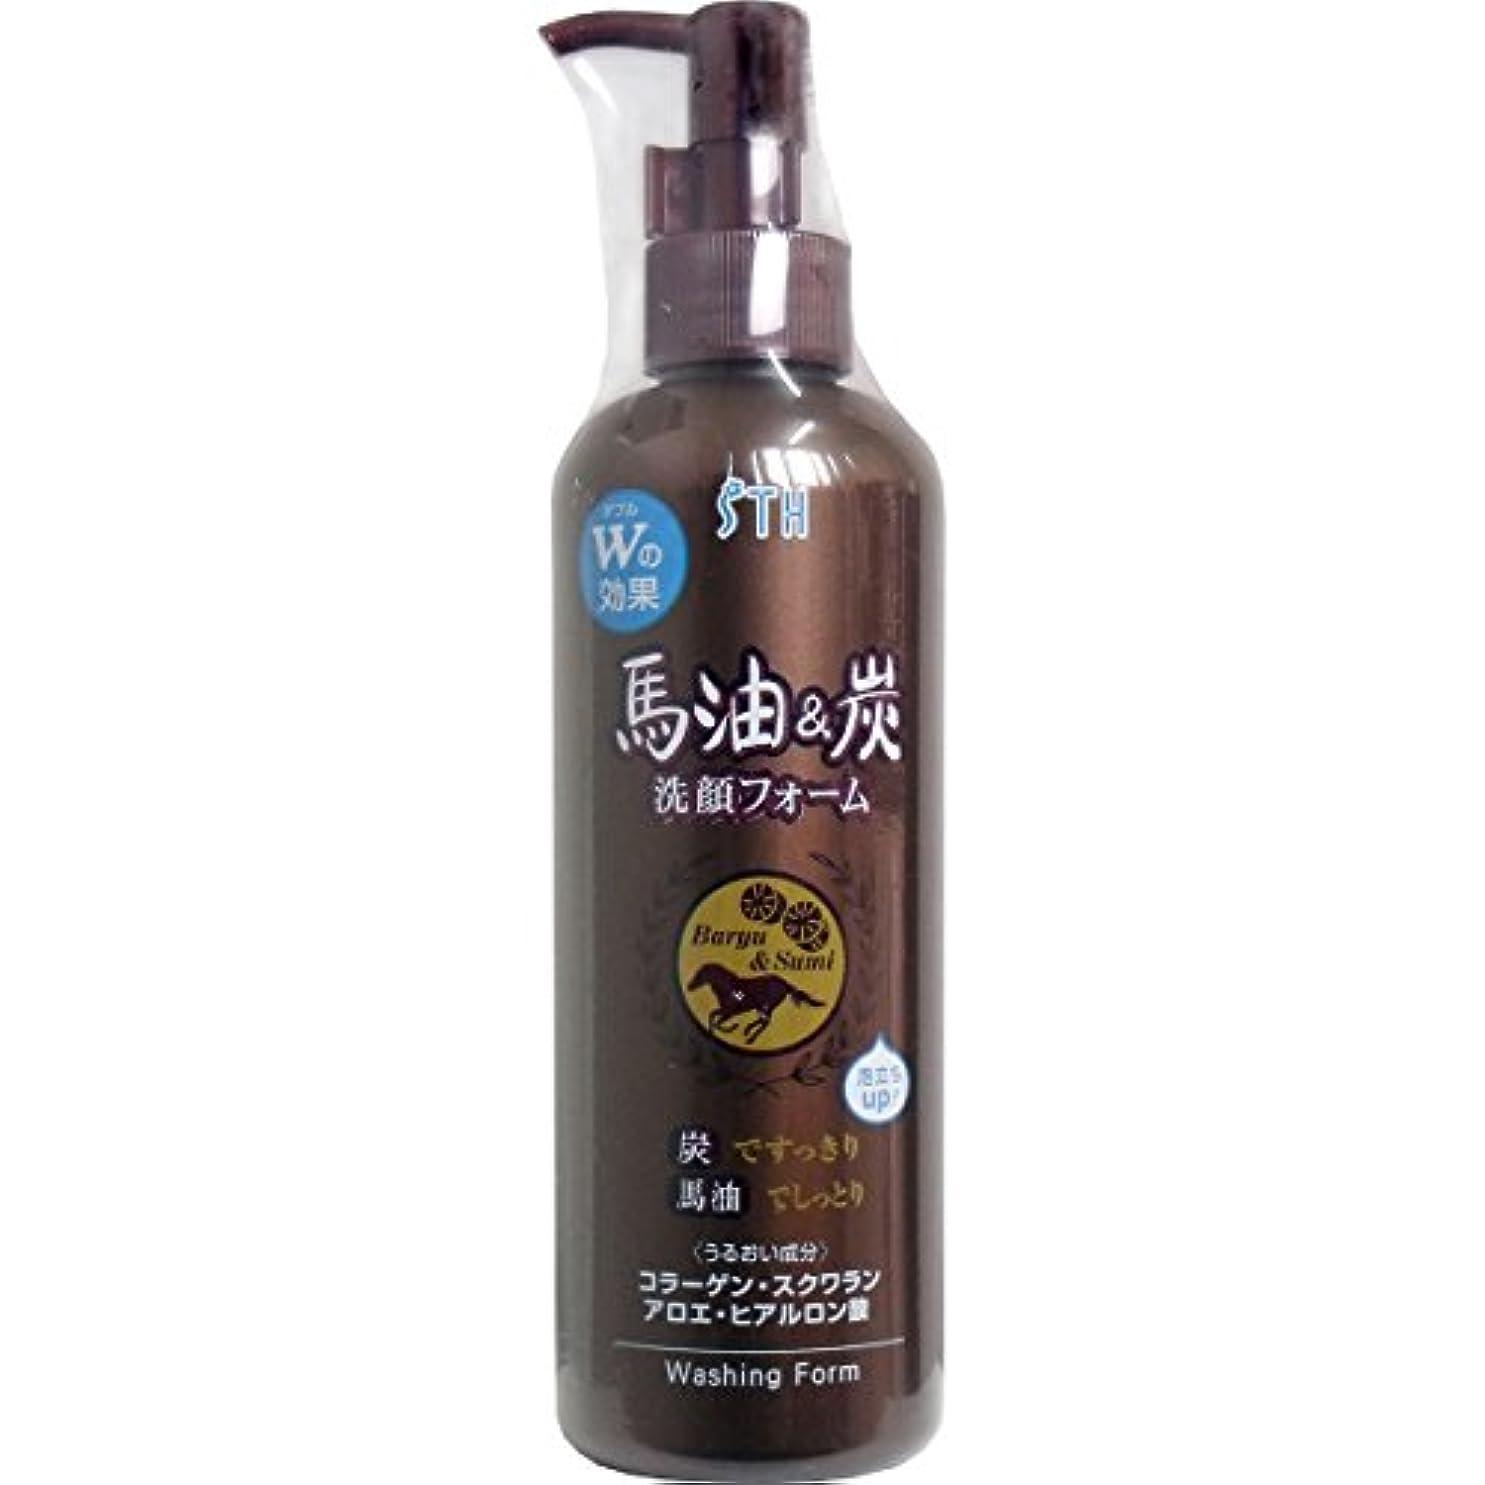 トロリーバス溶かす窒素馬油&炭 洗顔フォーム 250ml 2個セット